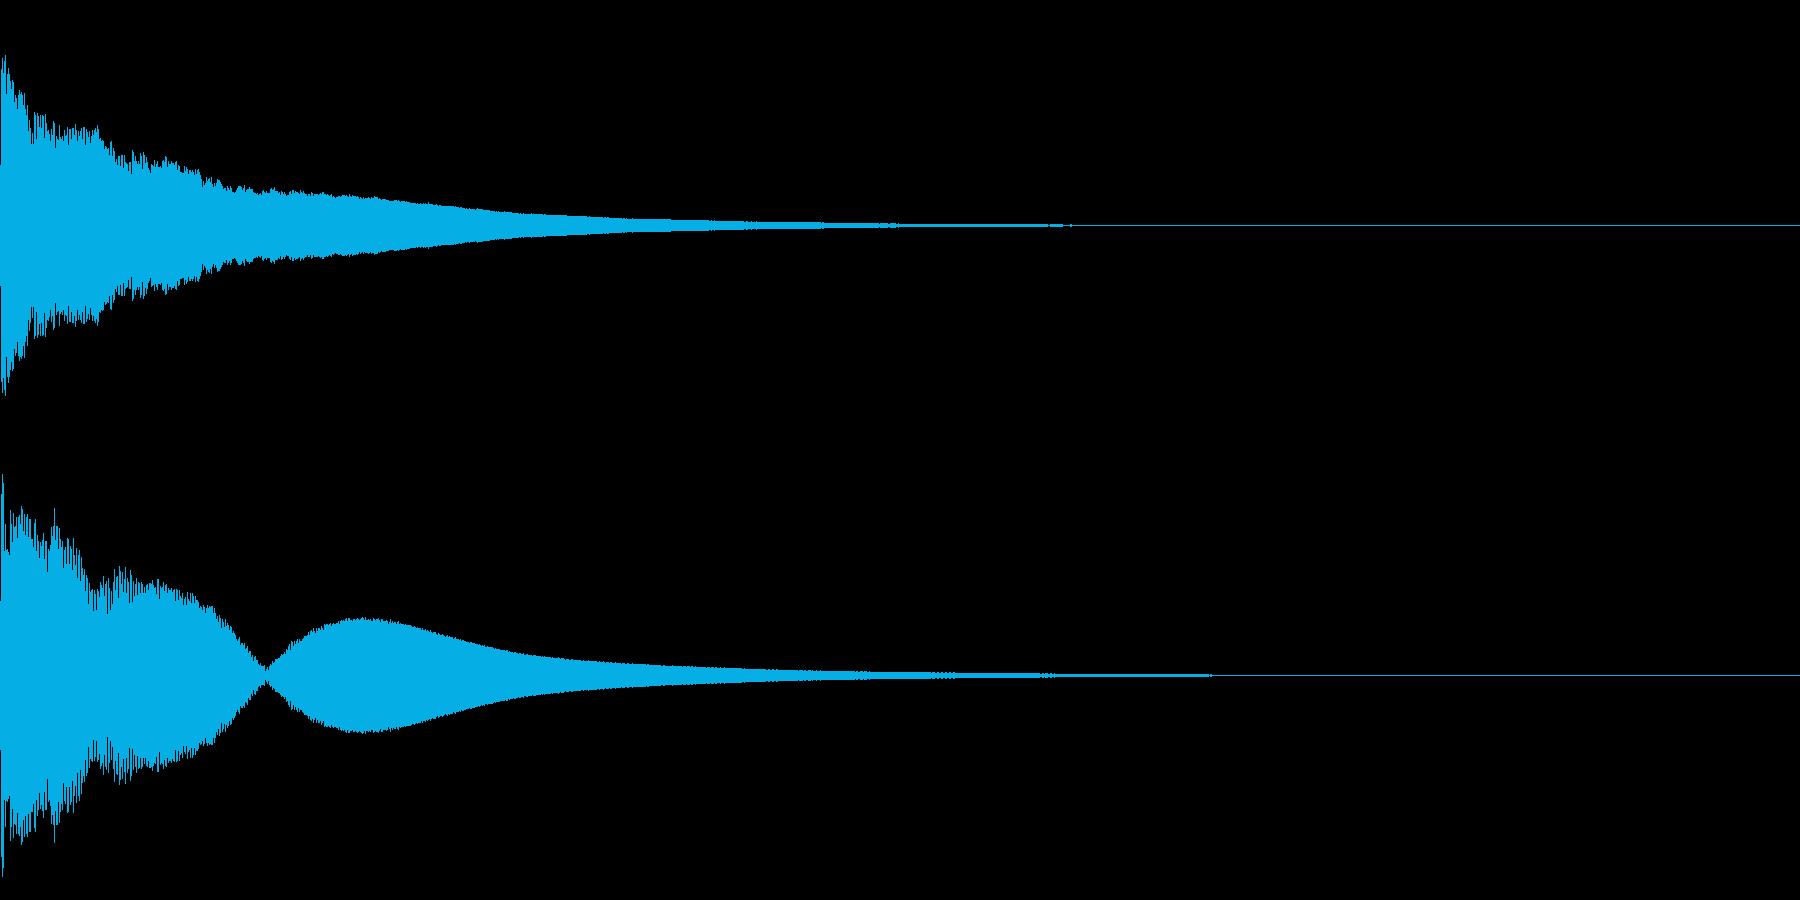 瞑想のための鐘Eの再生済みの波形